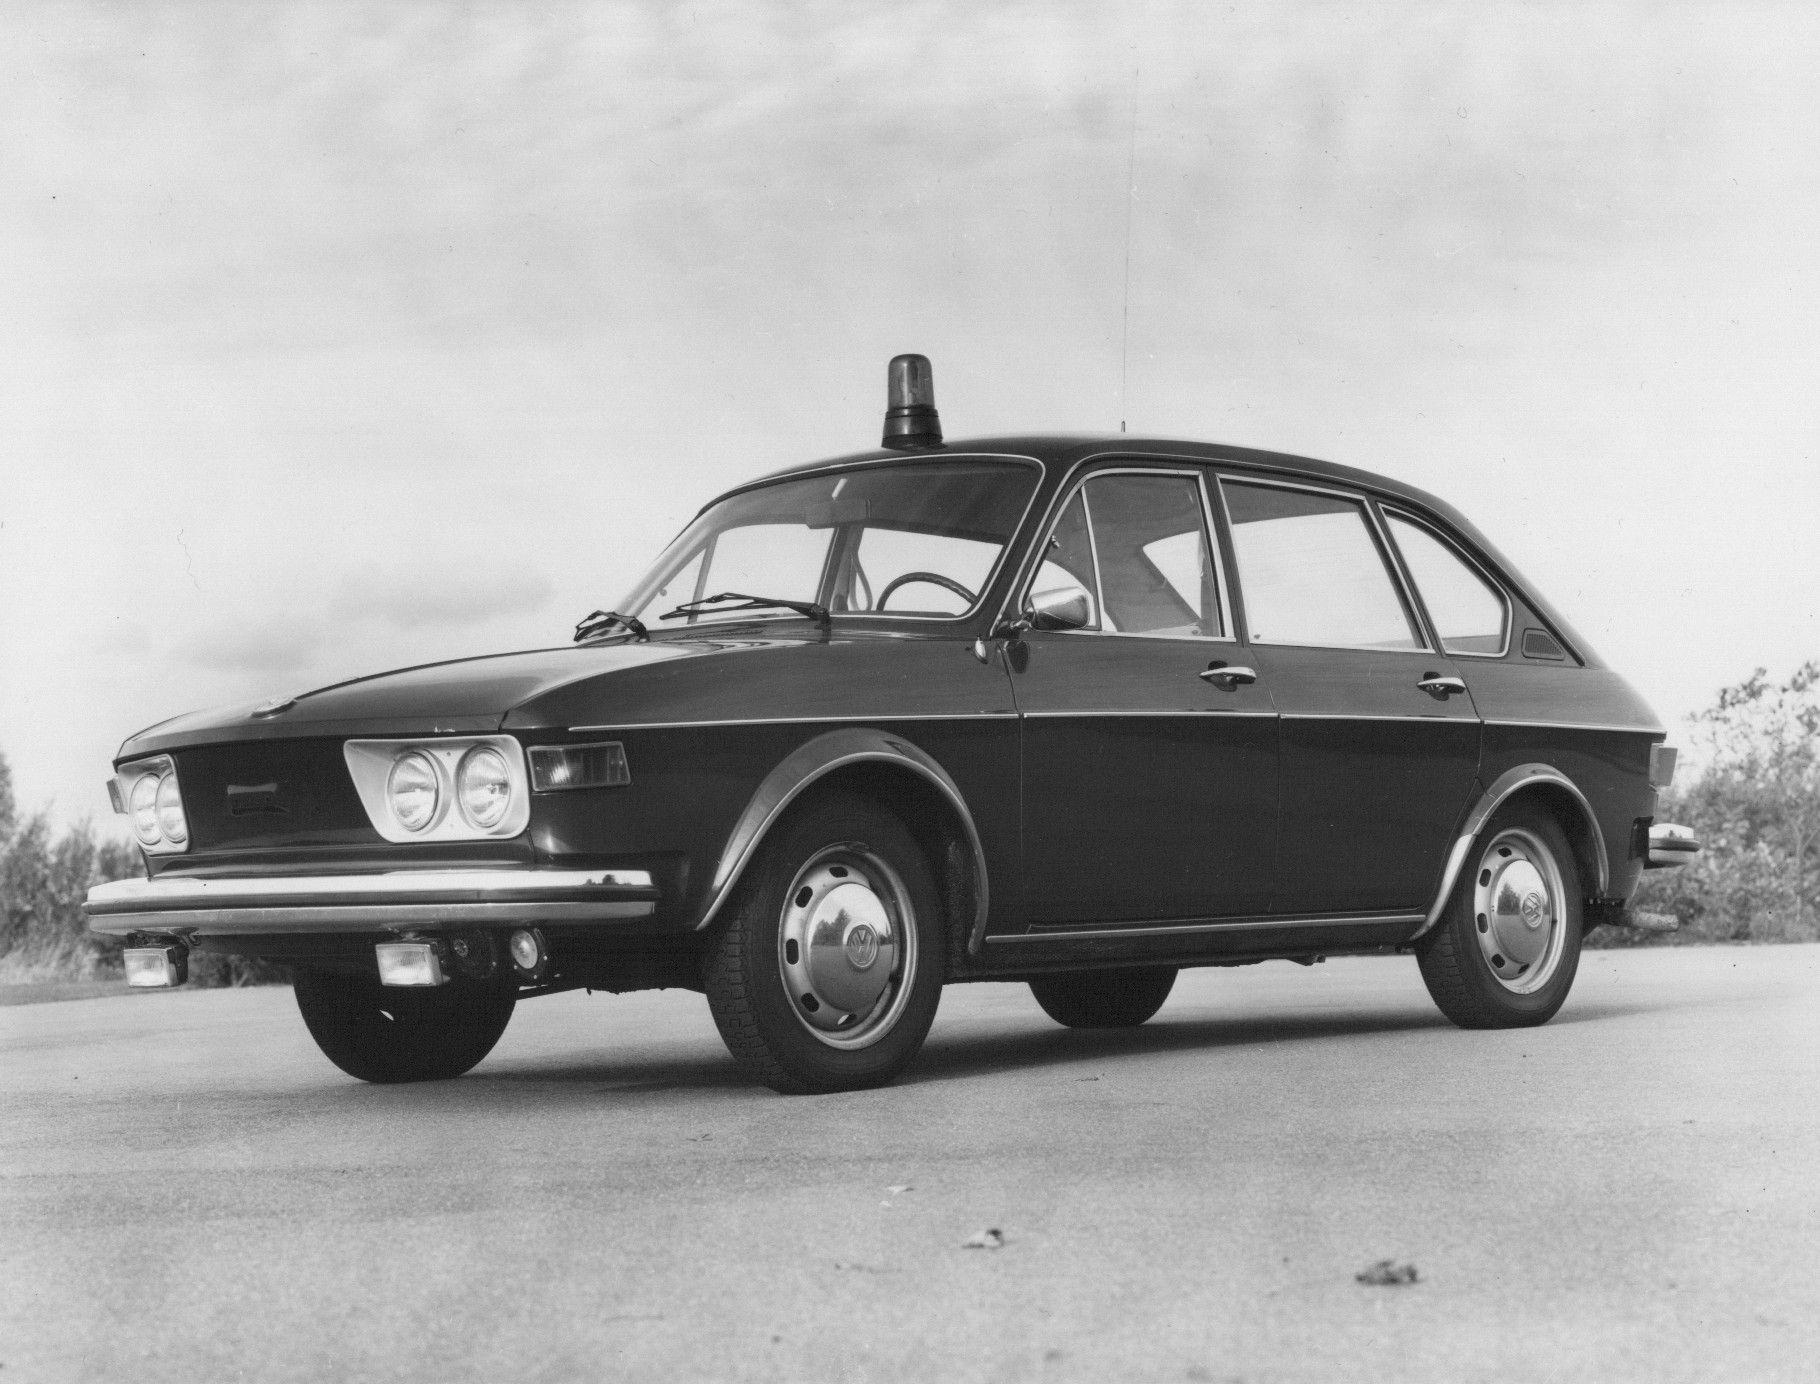 VW Polizei 412